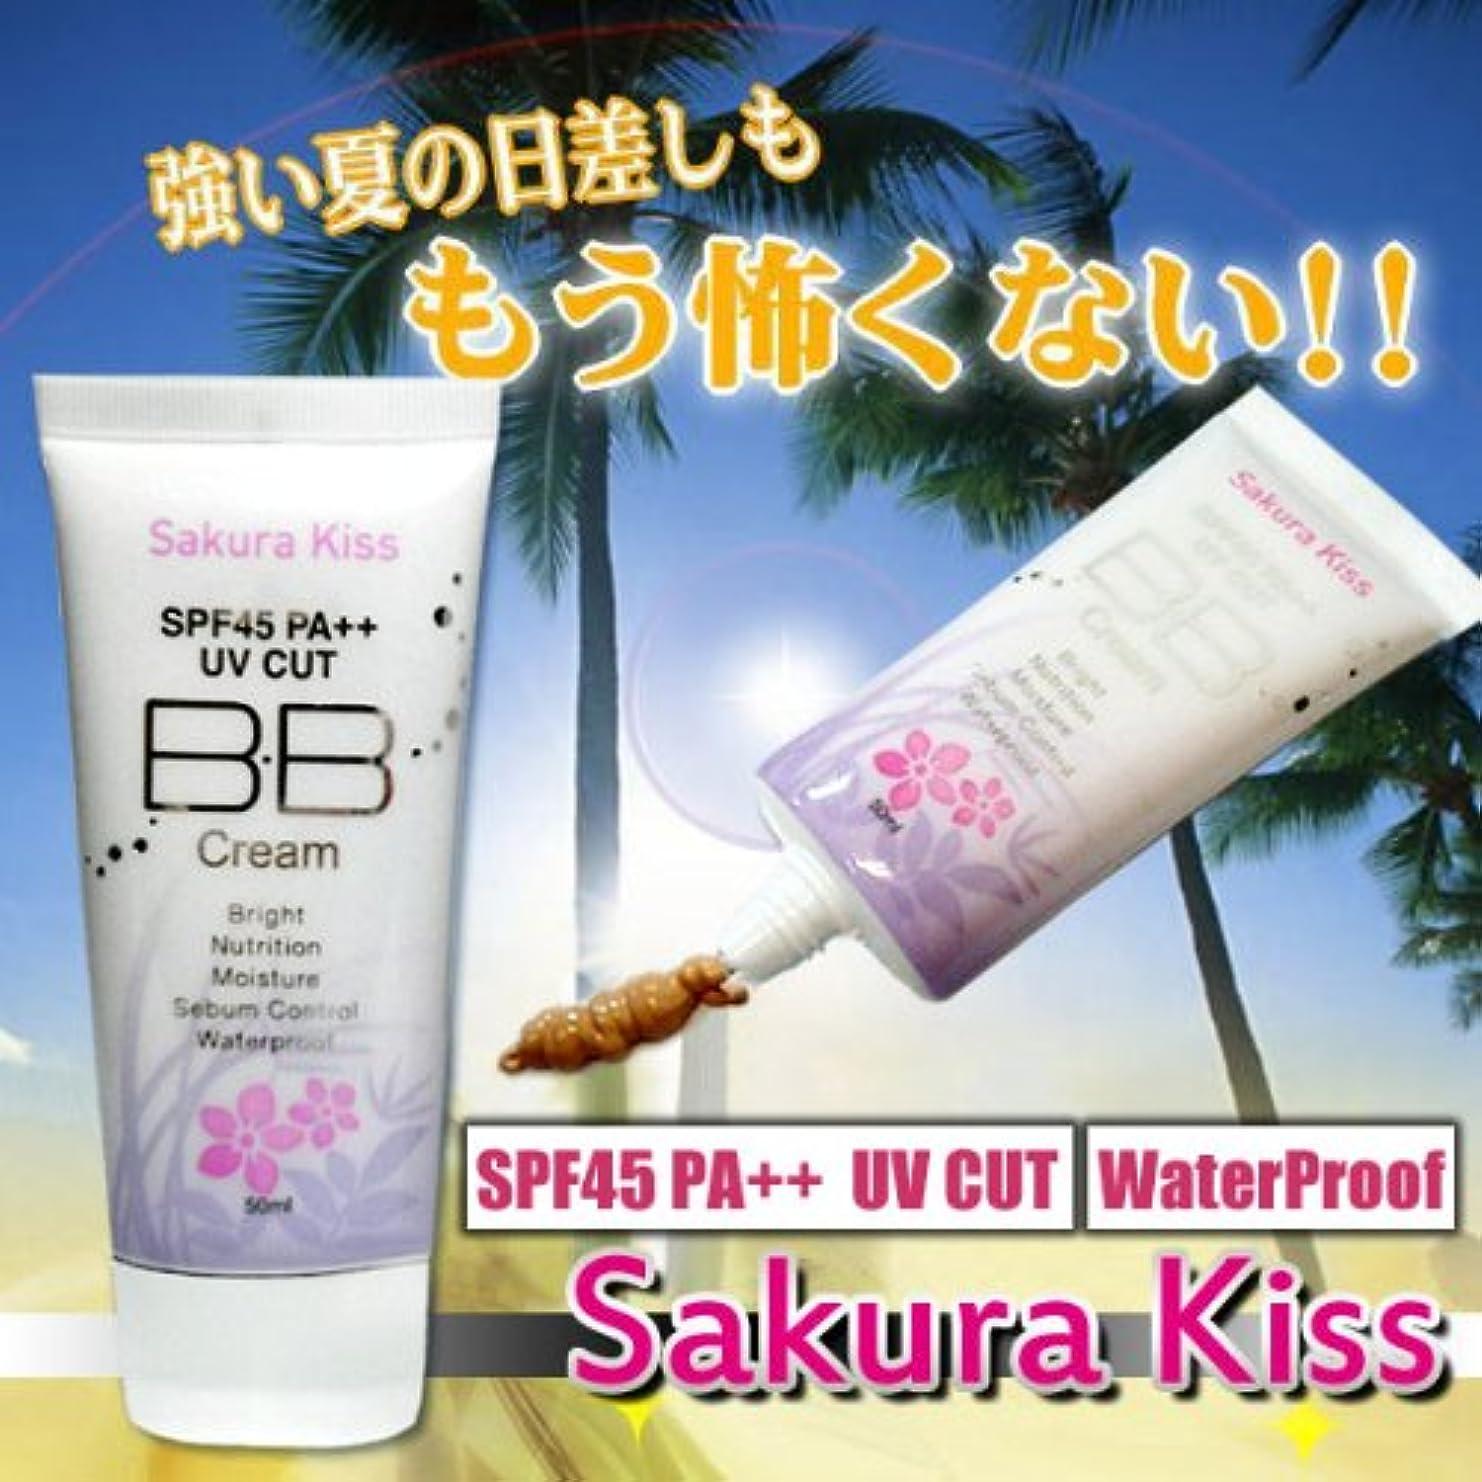 寛大なカバレッジ八百屋Sakura Kiss BBクリーム UVプロテクト SPF45PA++ 50ml